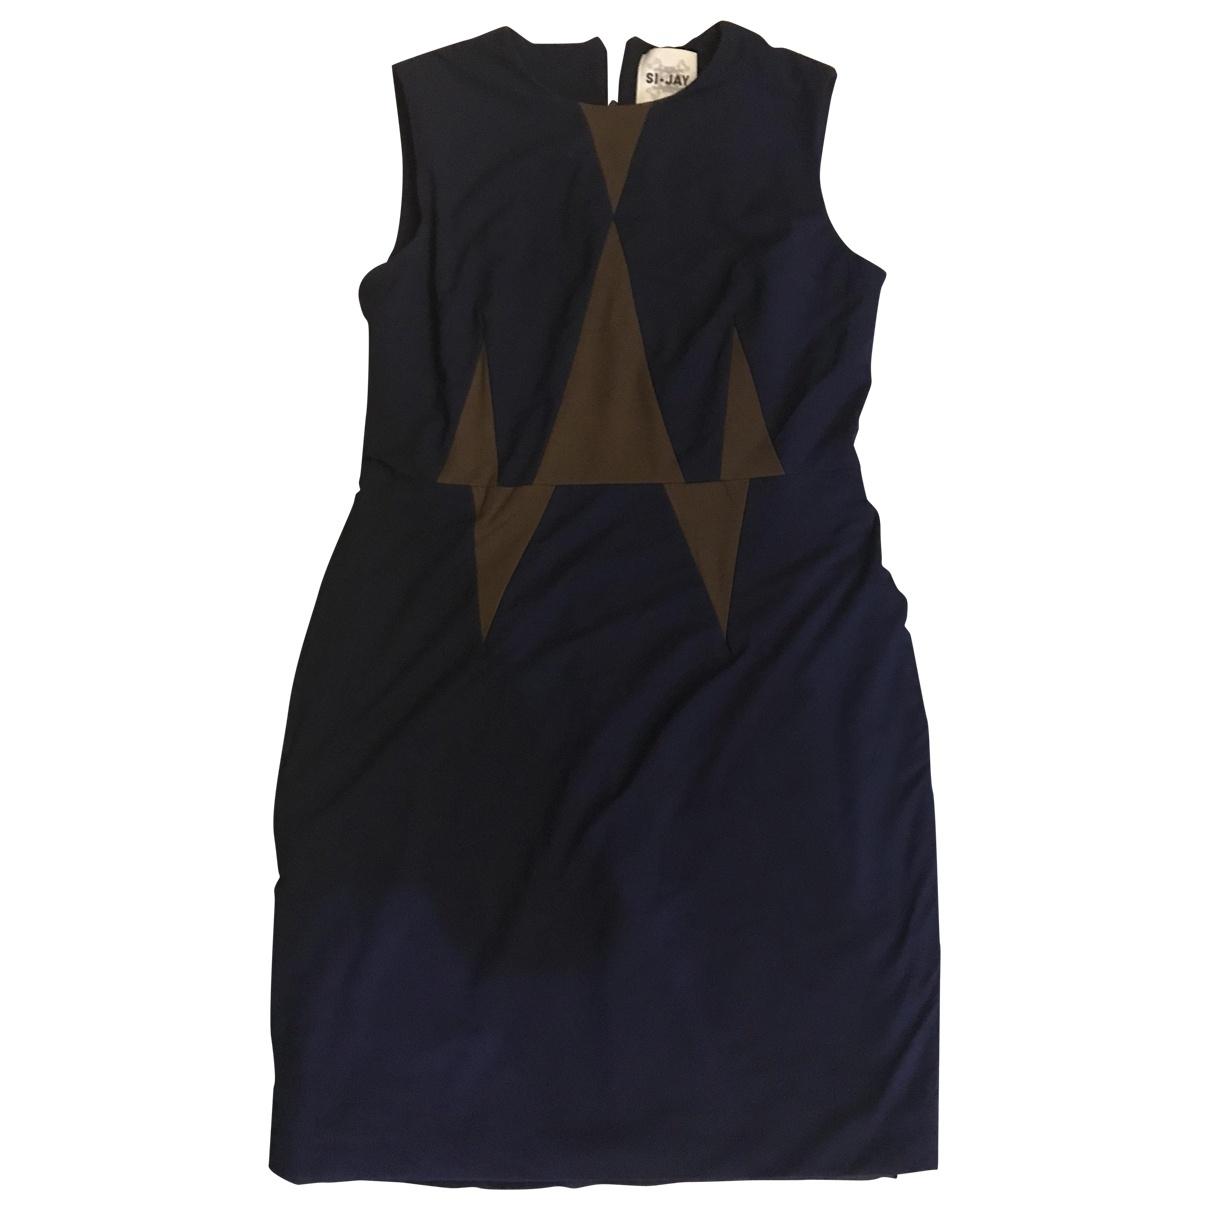 Si Jay \N Blue dress for Women 46 IT